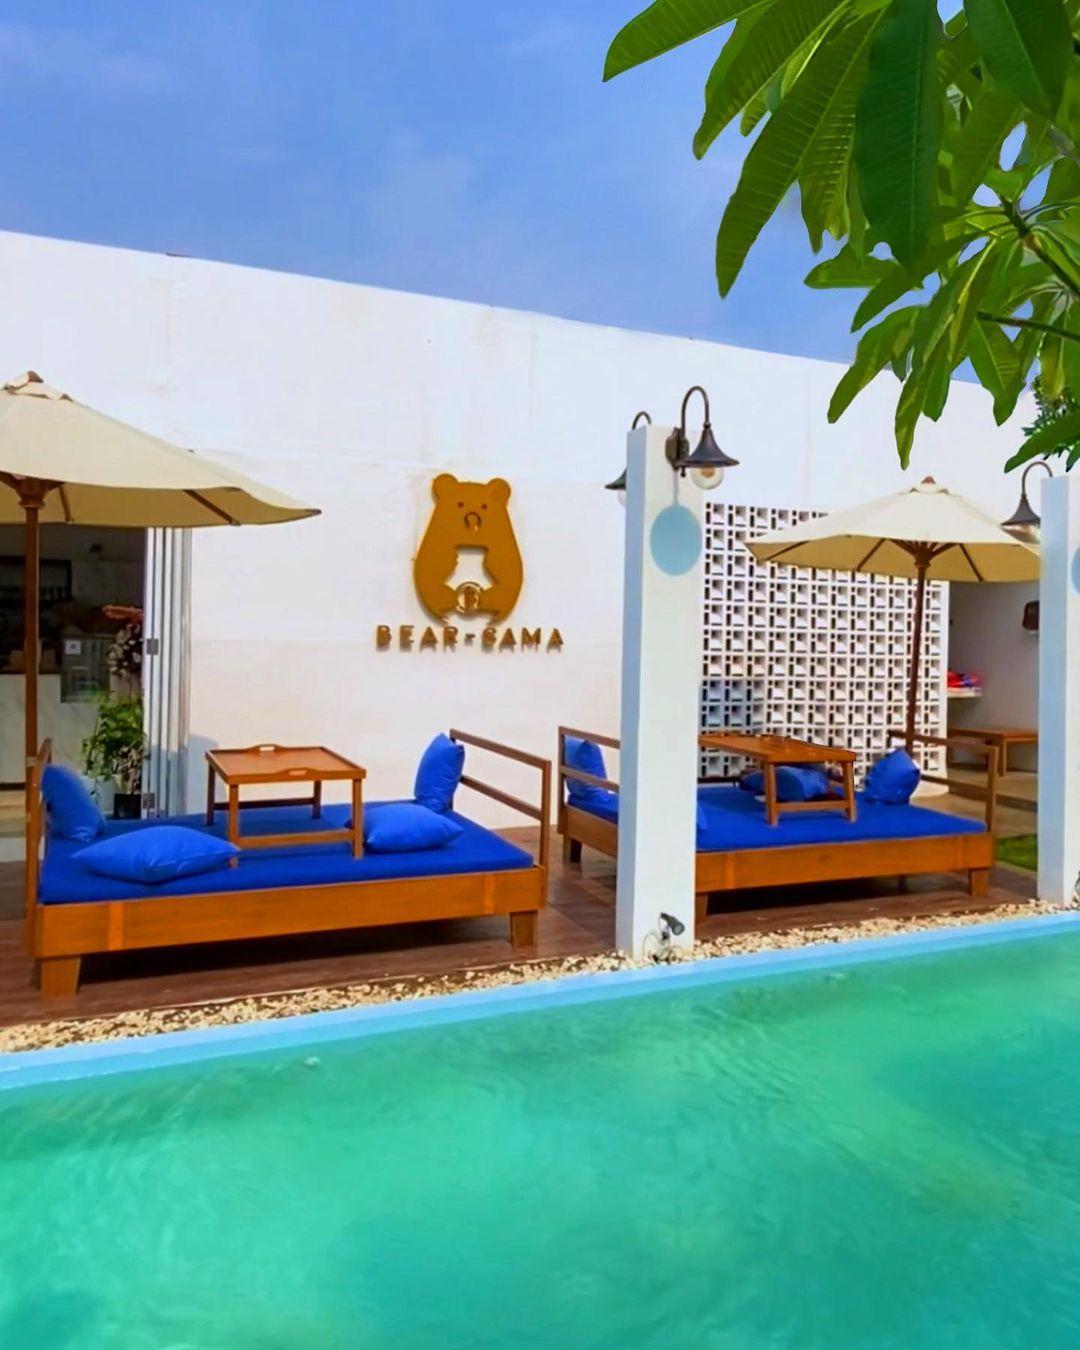 Tempat Duduk Di Pinggir Kolam Bear Sama Cafe Image From @jkt Spot_